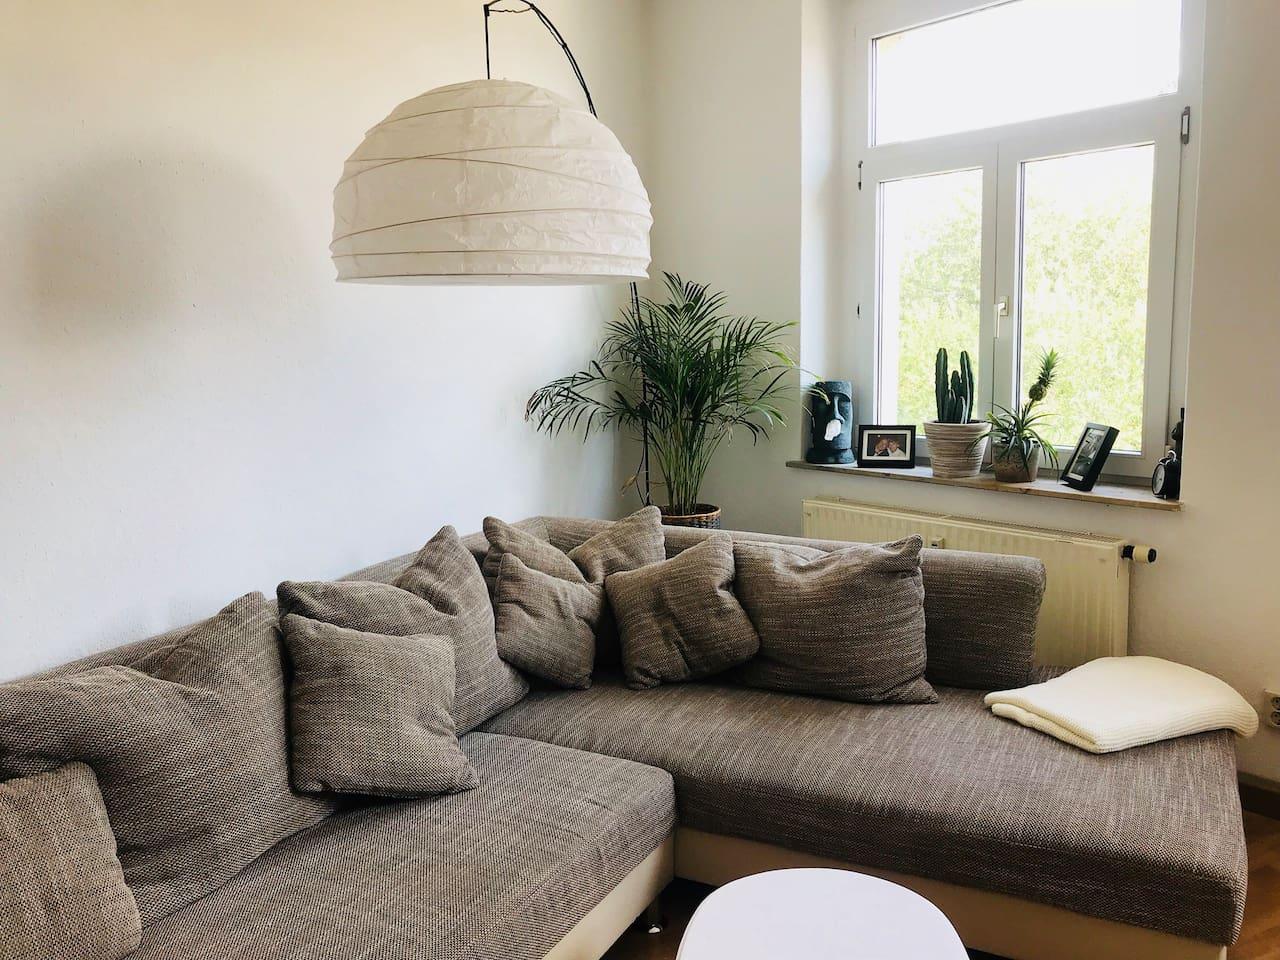 Das Wohnzimmer mit einer wirklich großzügigen Couch! Wenn ihr mehr als 2 Personen seid, findet hier auf jeden Fall auch noch einen Schlafplatz!